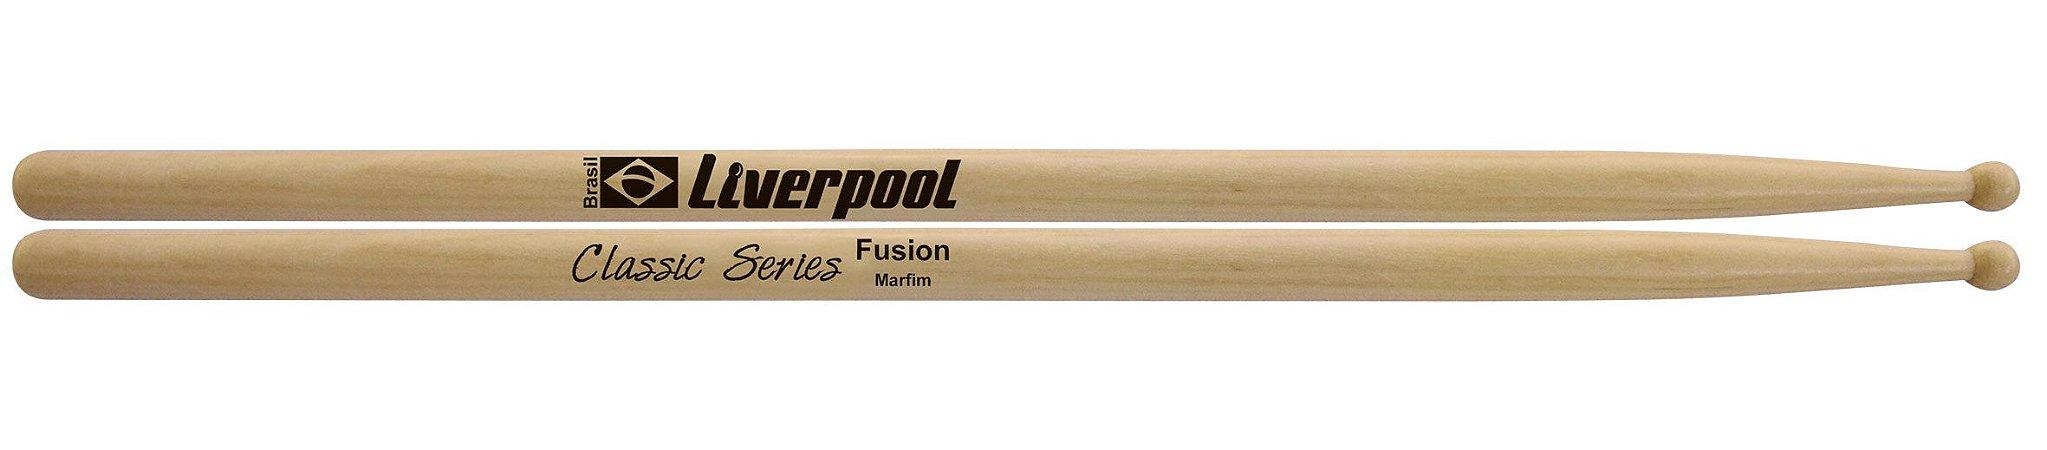 Liverpool Baqueta Classic Series Fusion Marfim P.M LLFUS